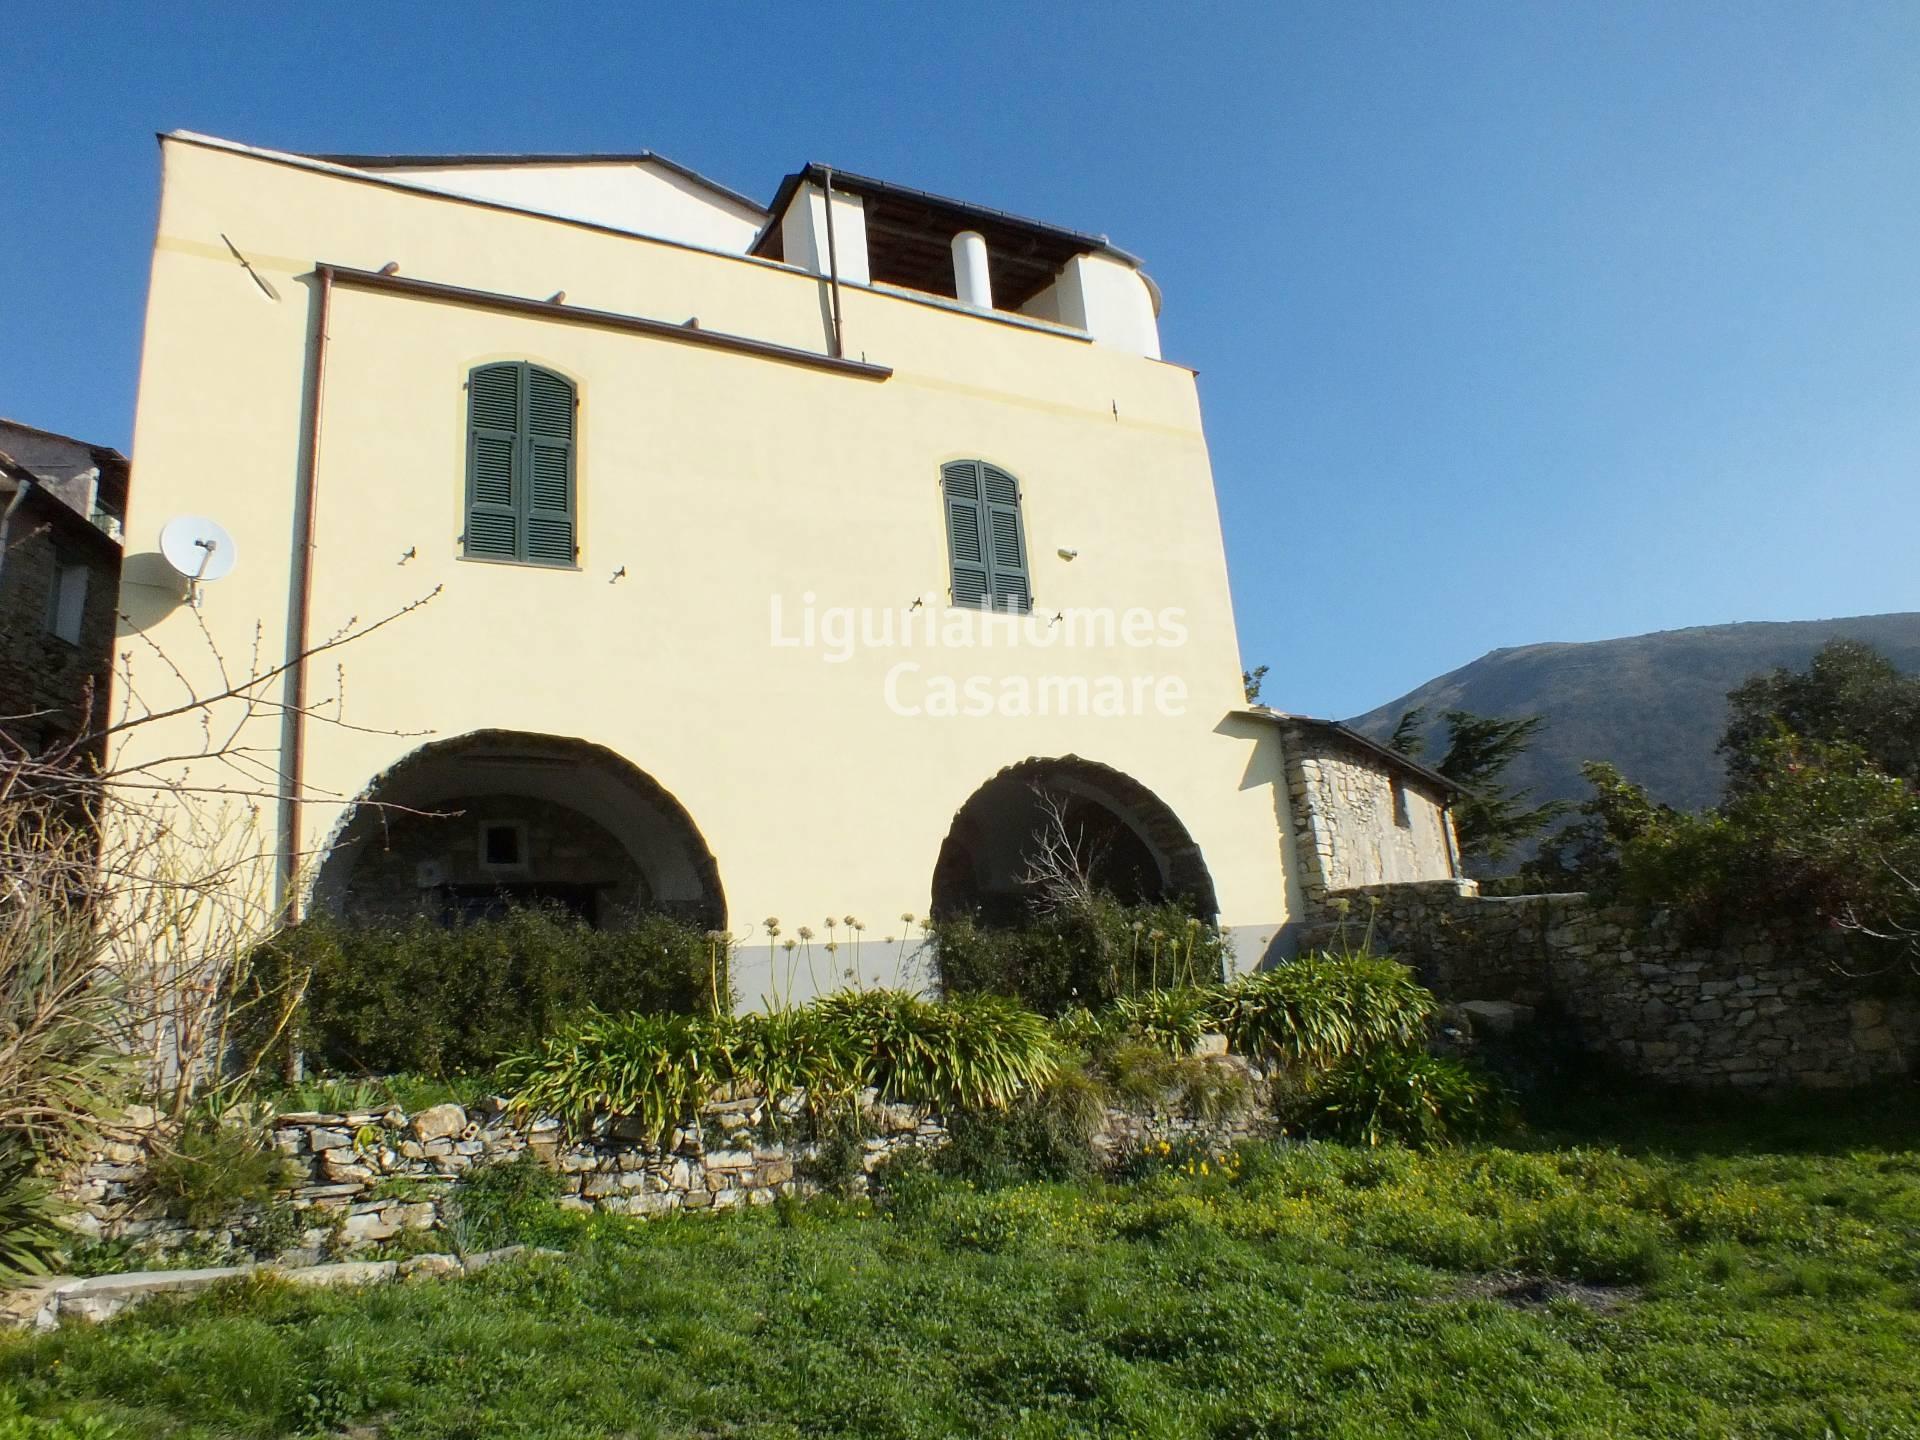 Appartamento in vendita a Chiusanico, 13 locali, prezzo € 195.000 | CambioCasa.it